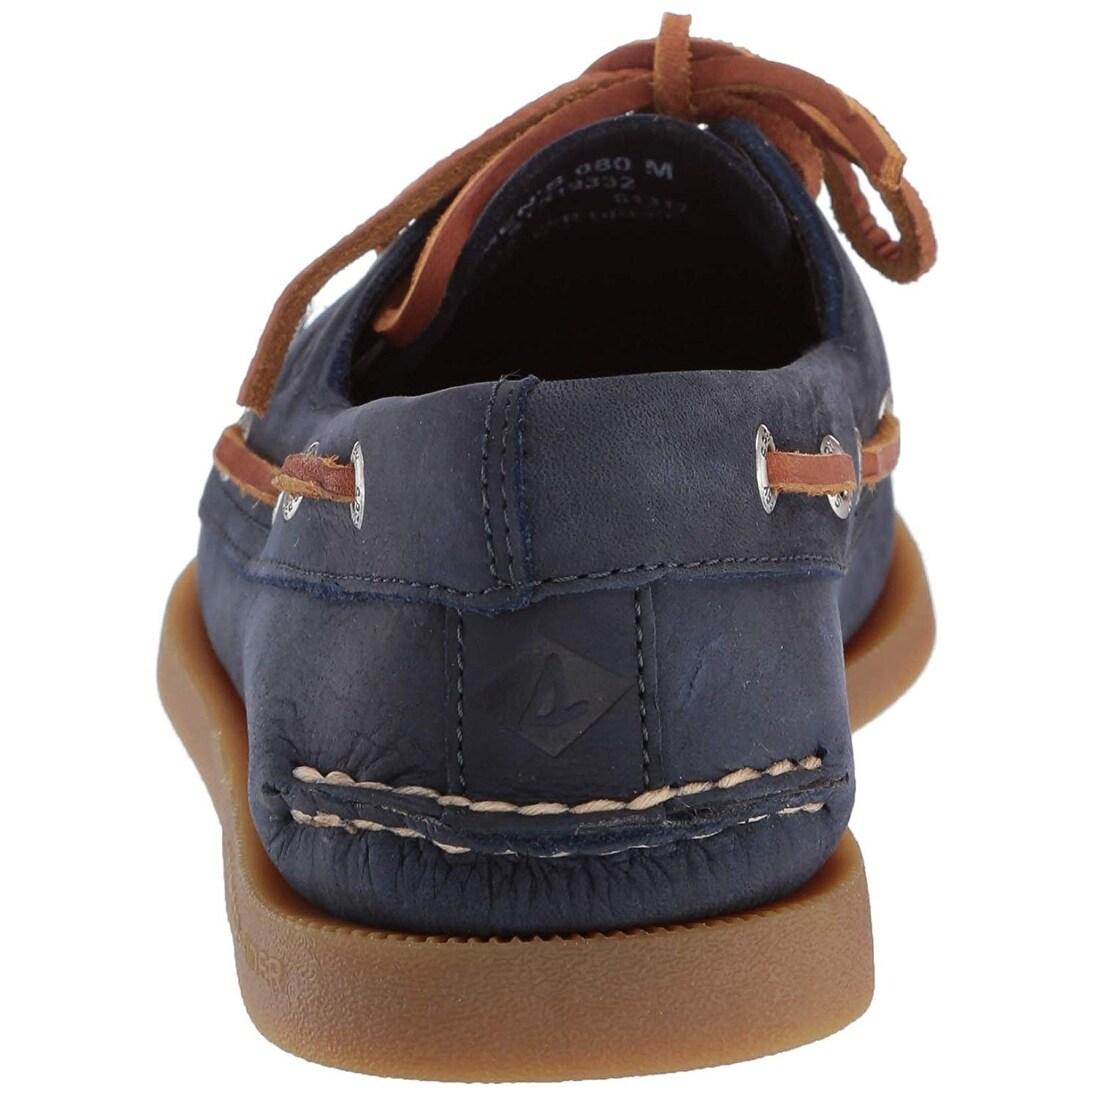 Authentic Original Richtown Boat Shoe